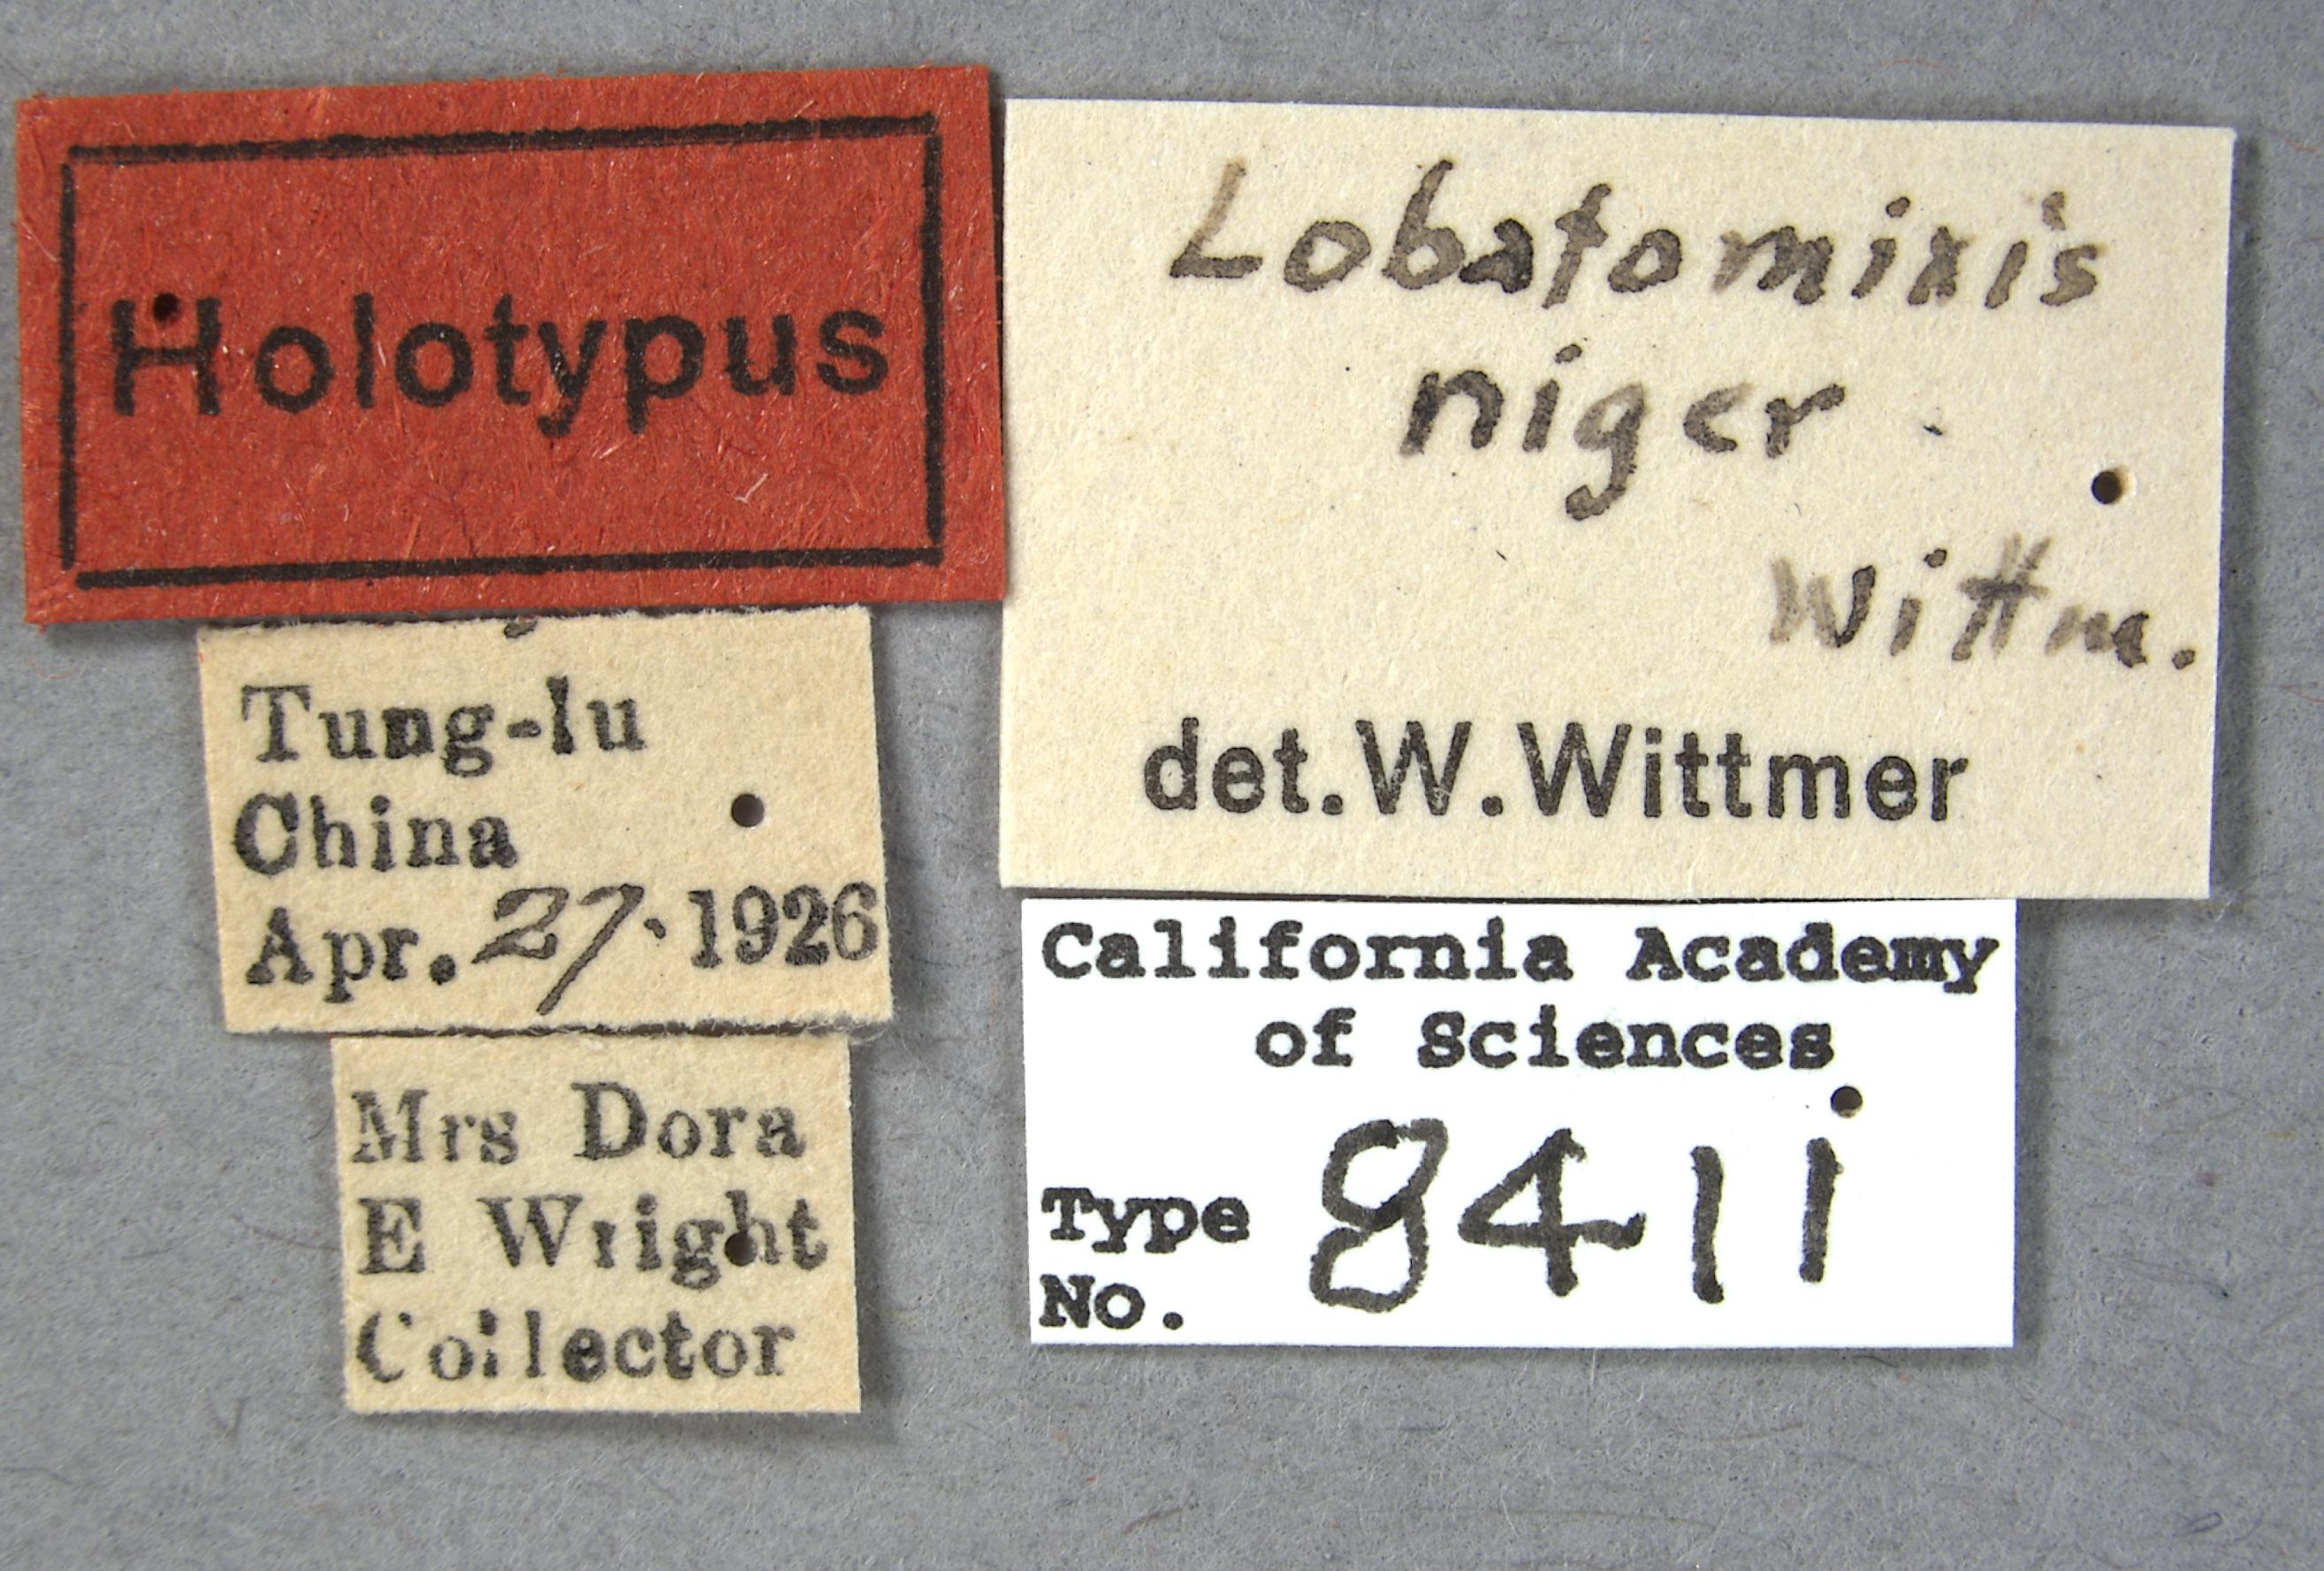 Lobatomixis niger image